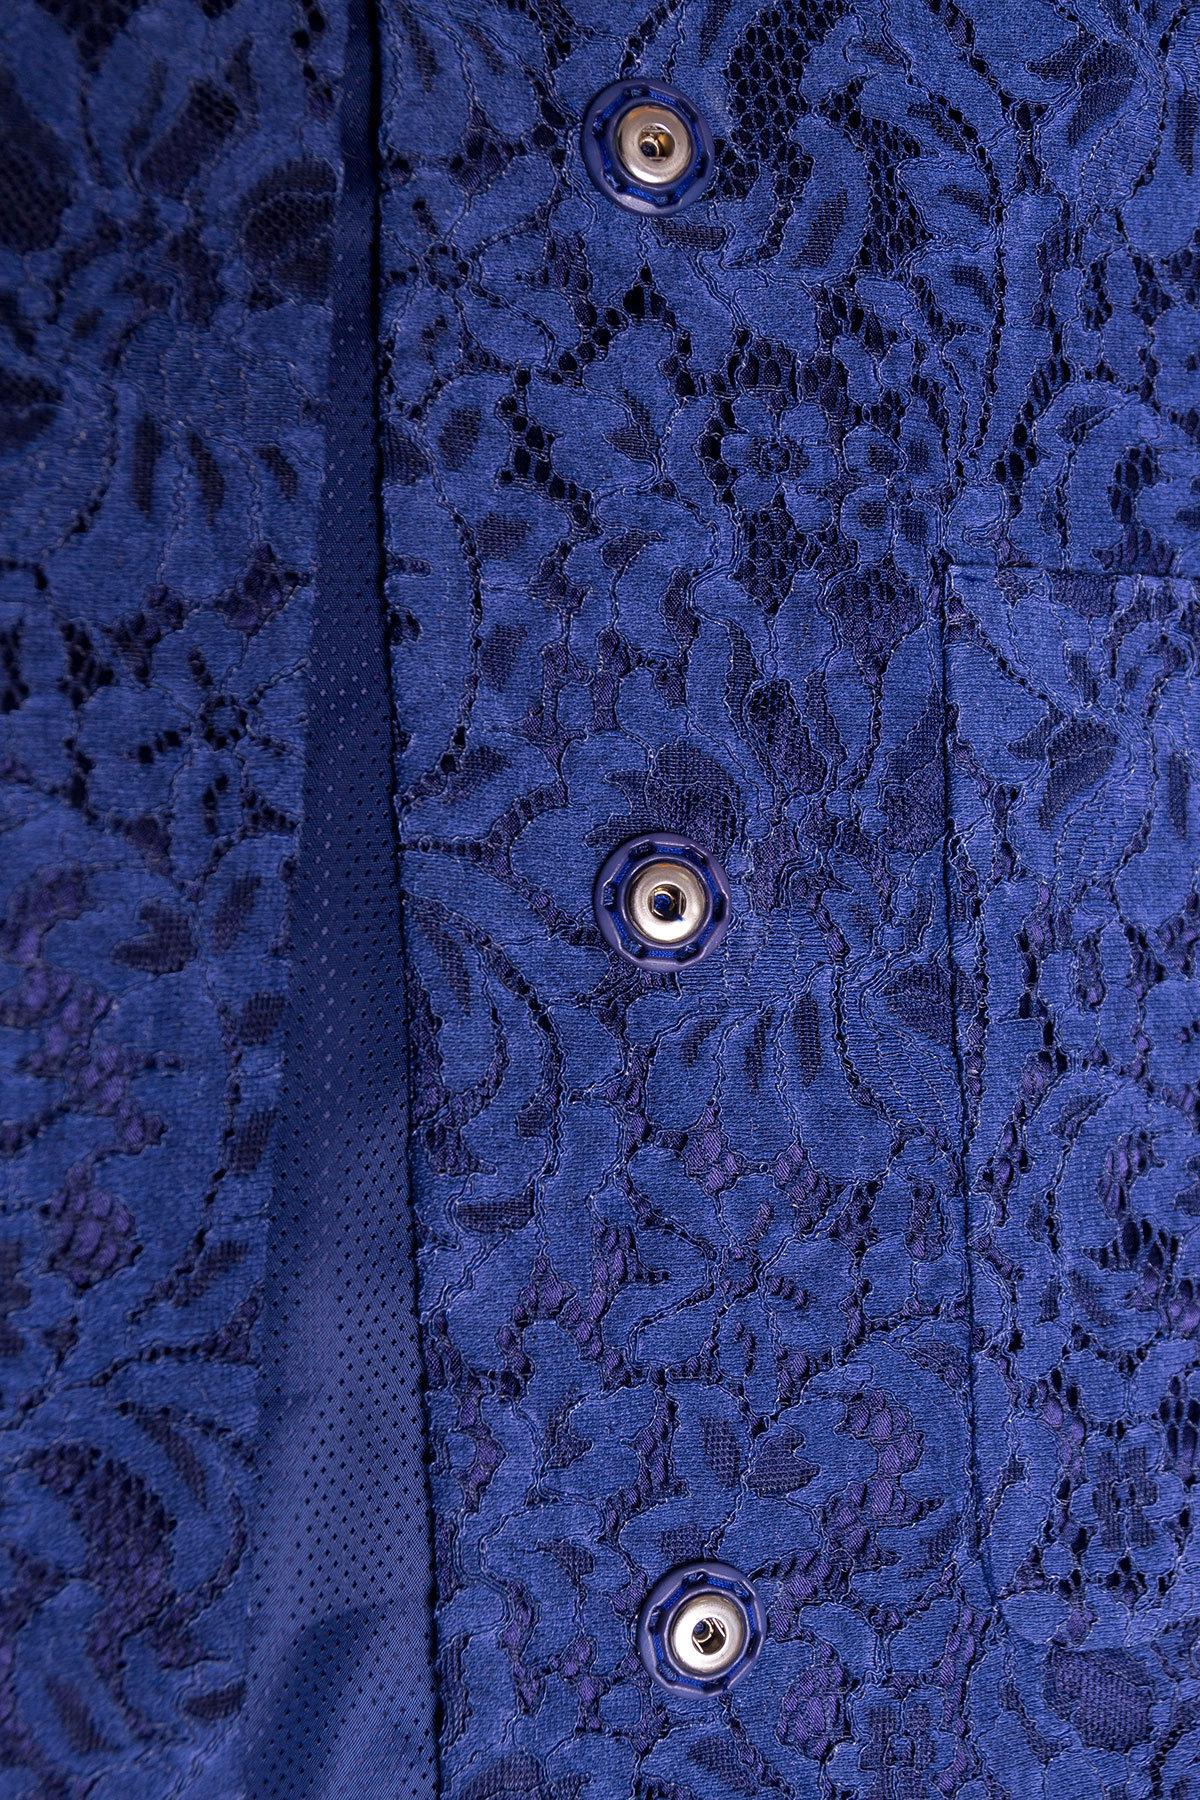 Кружевной плащ прямого кроя Сиат 4659 АРТ. 33661 Цвет: Темно-синий - фото 4, интернет магазин tm-modus.ru